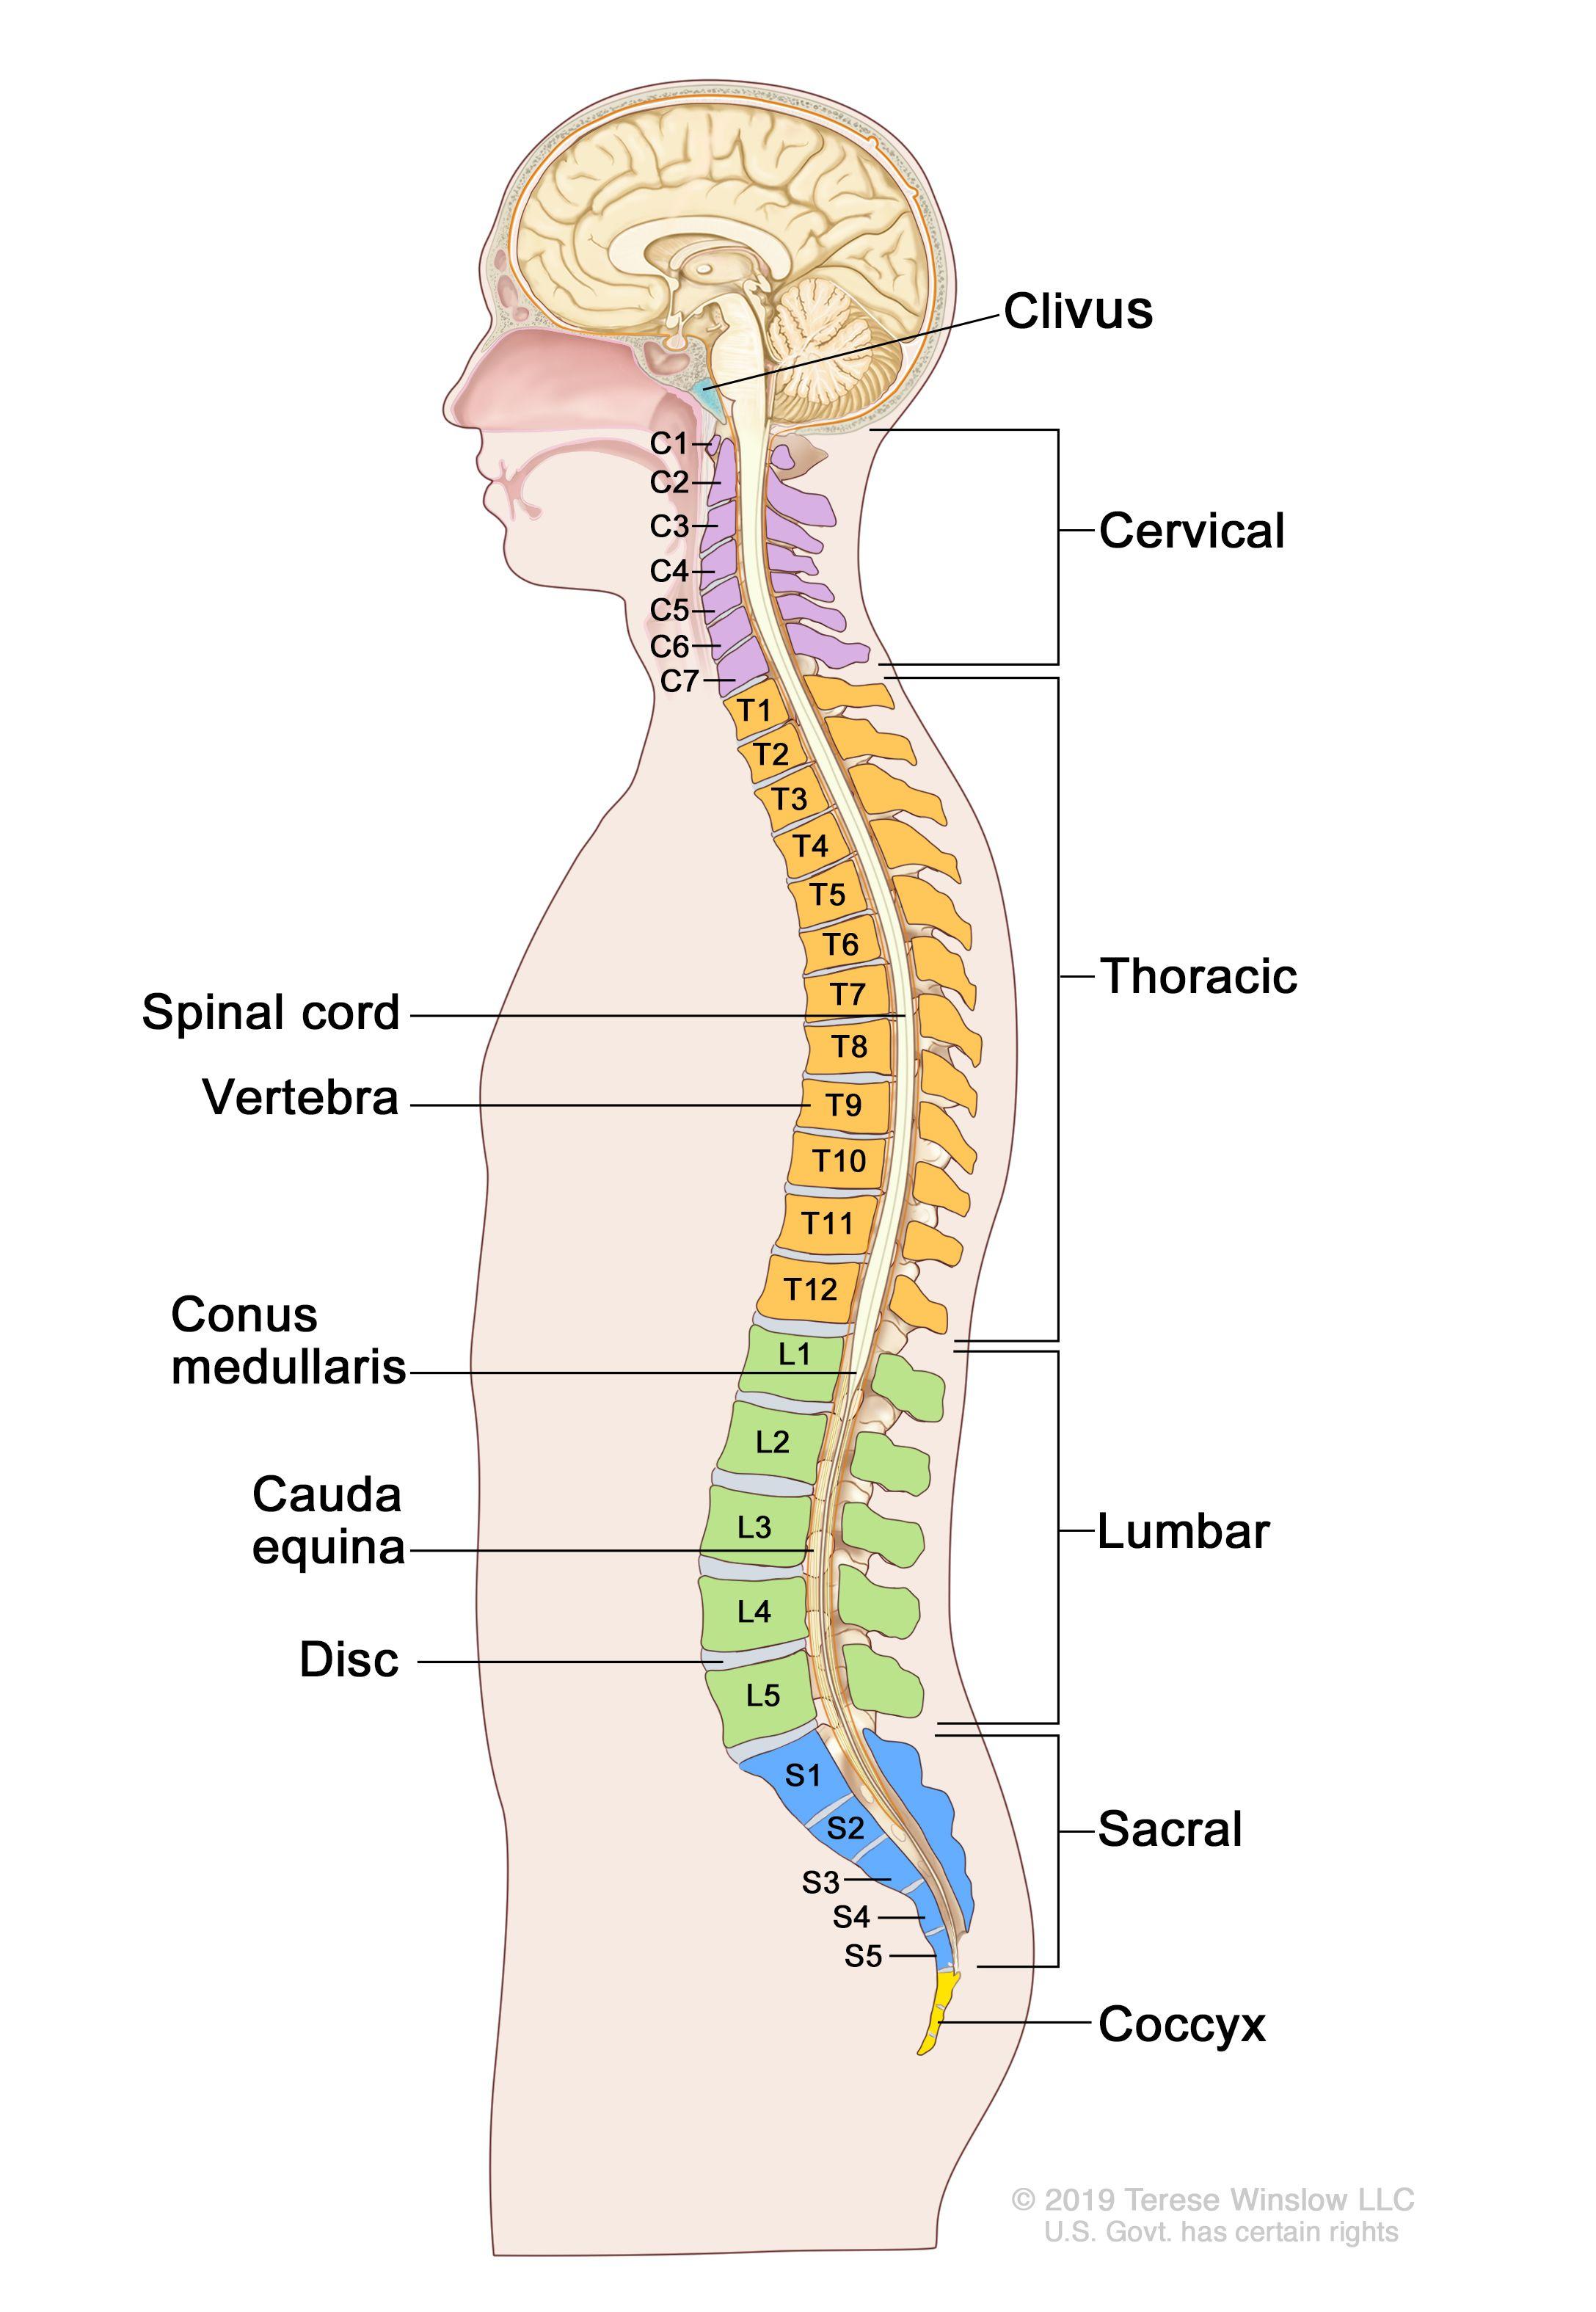 脊椎の解剖図:図は脊椎の側面図を示し、頸椎(C1-C7)、胸椎(T1-T12)、腰椎(L1-L5)、仙椎(S1-S5)、尾骨が描かれている。さらに、脊髄、椎骨(背骨)、脊髄円錐(脊髄の終端部)、馬尾(脊髄円錐を越えて伸びている脊髄神経の束)、腰部椎間板が示されている。斜台(頭蓋底の脊髄付近に位置する骨)も示されている。